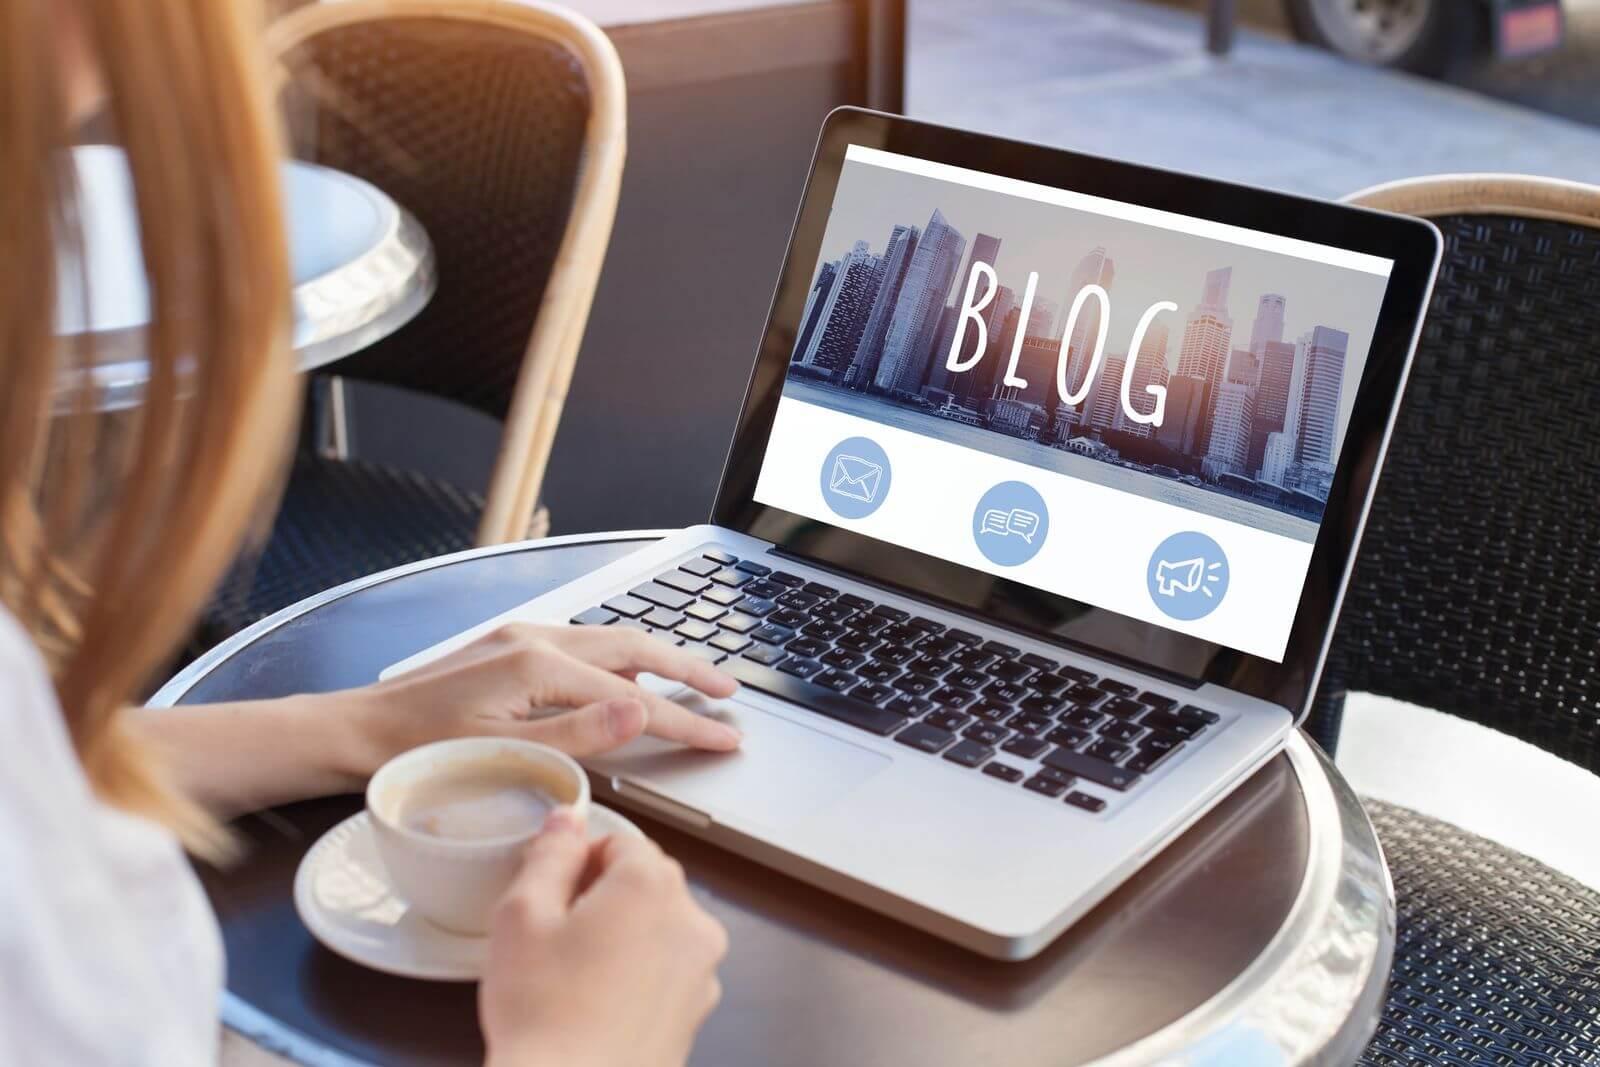 Femme qui commence un blogue sur un ordinateur portable